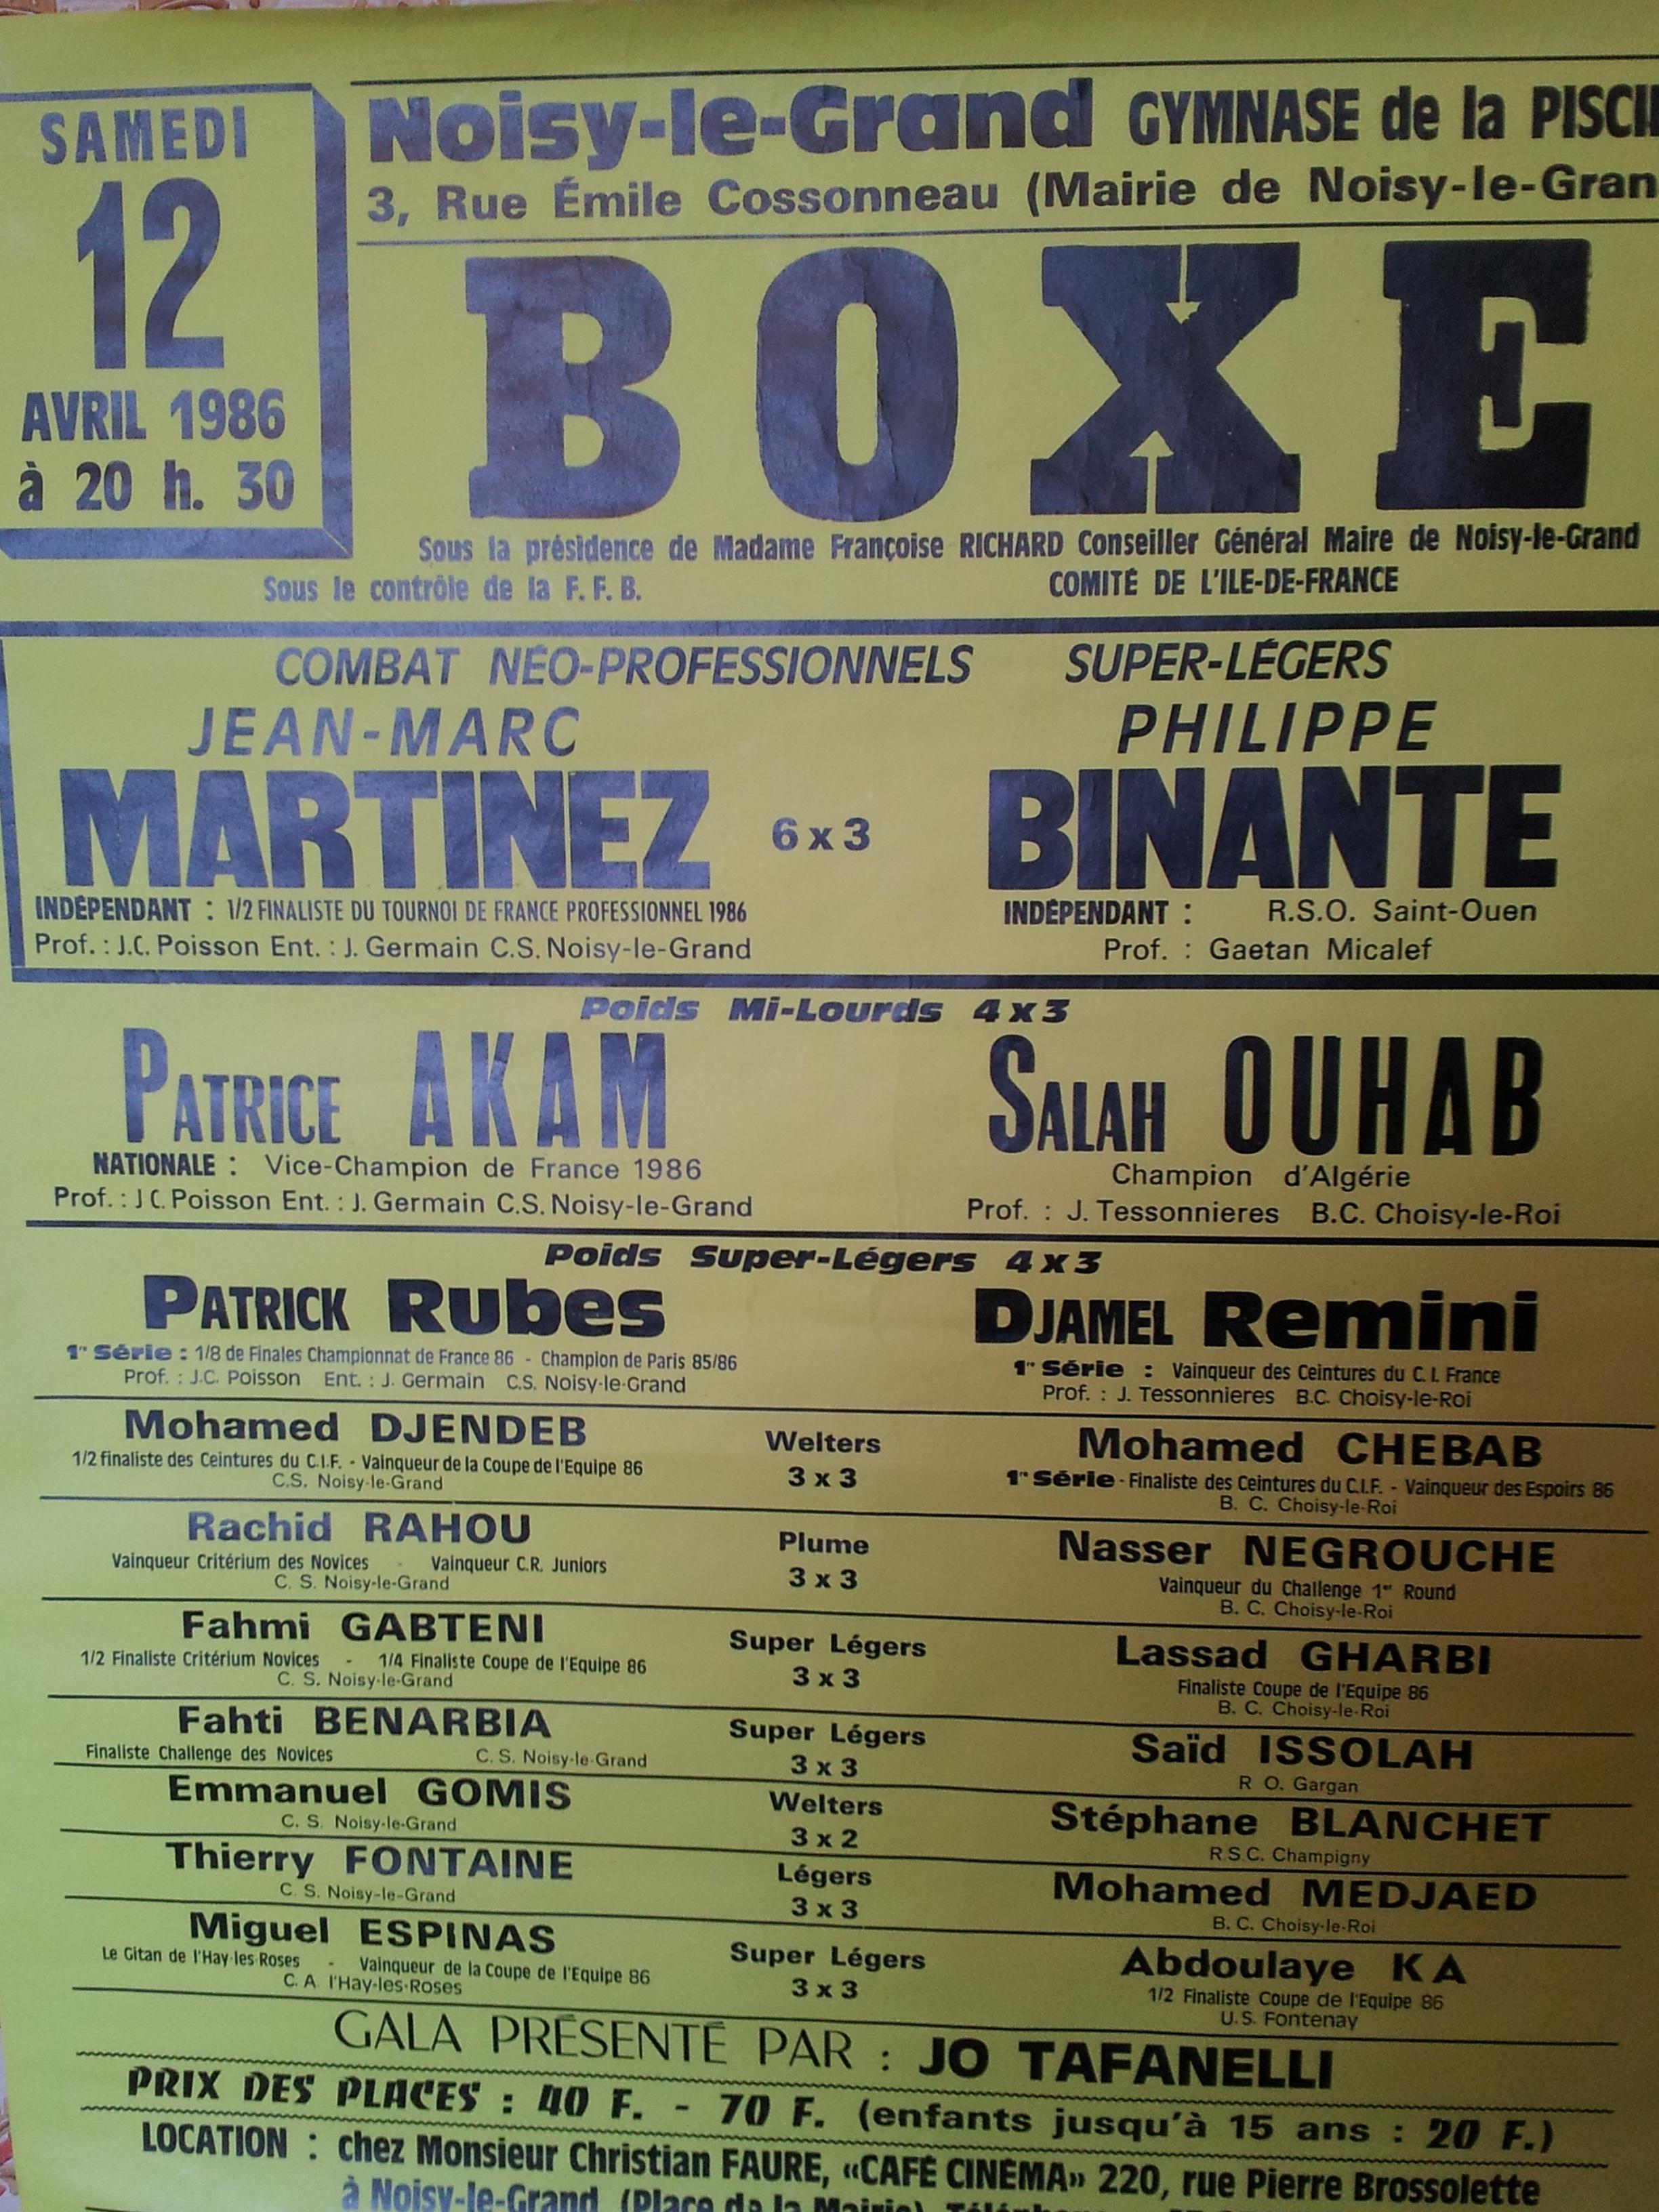 Une affiche (généreusement fournie par Marie-Anne Teissonnières) qui réveille les souvenirs d'une époque où la boxe portait encore en elle une rare intensité dramatique. Rien n'était joué d'avance… Tout était possible sur le ring… Jusqu'au dernier coup de gong